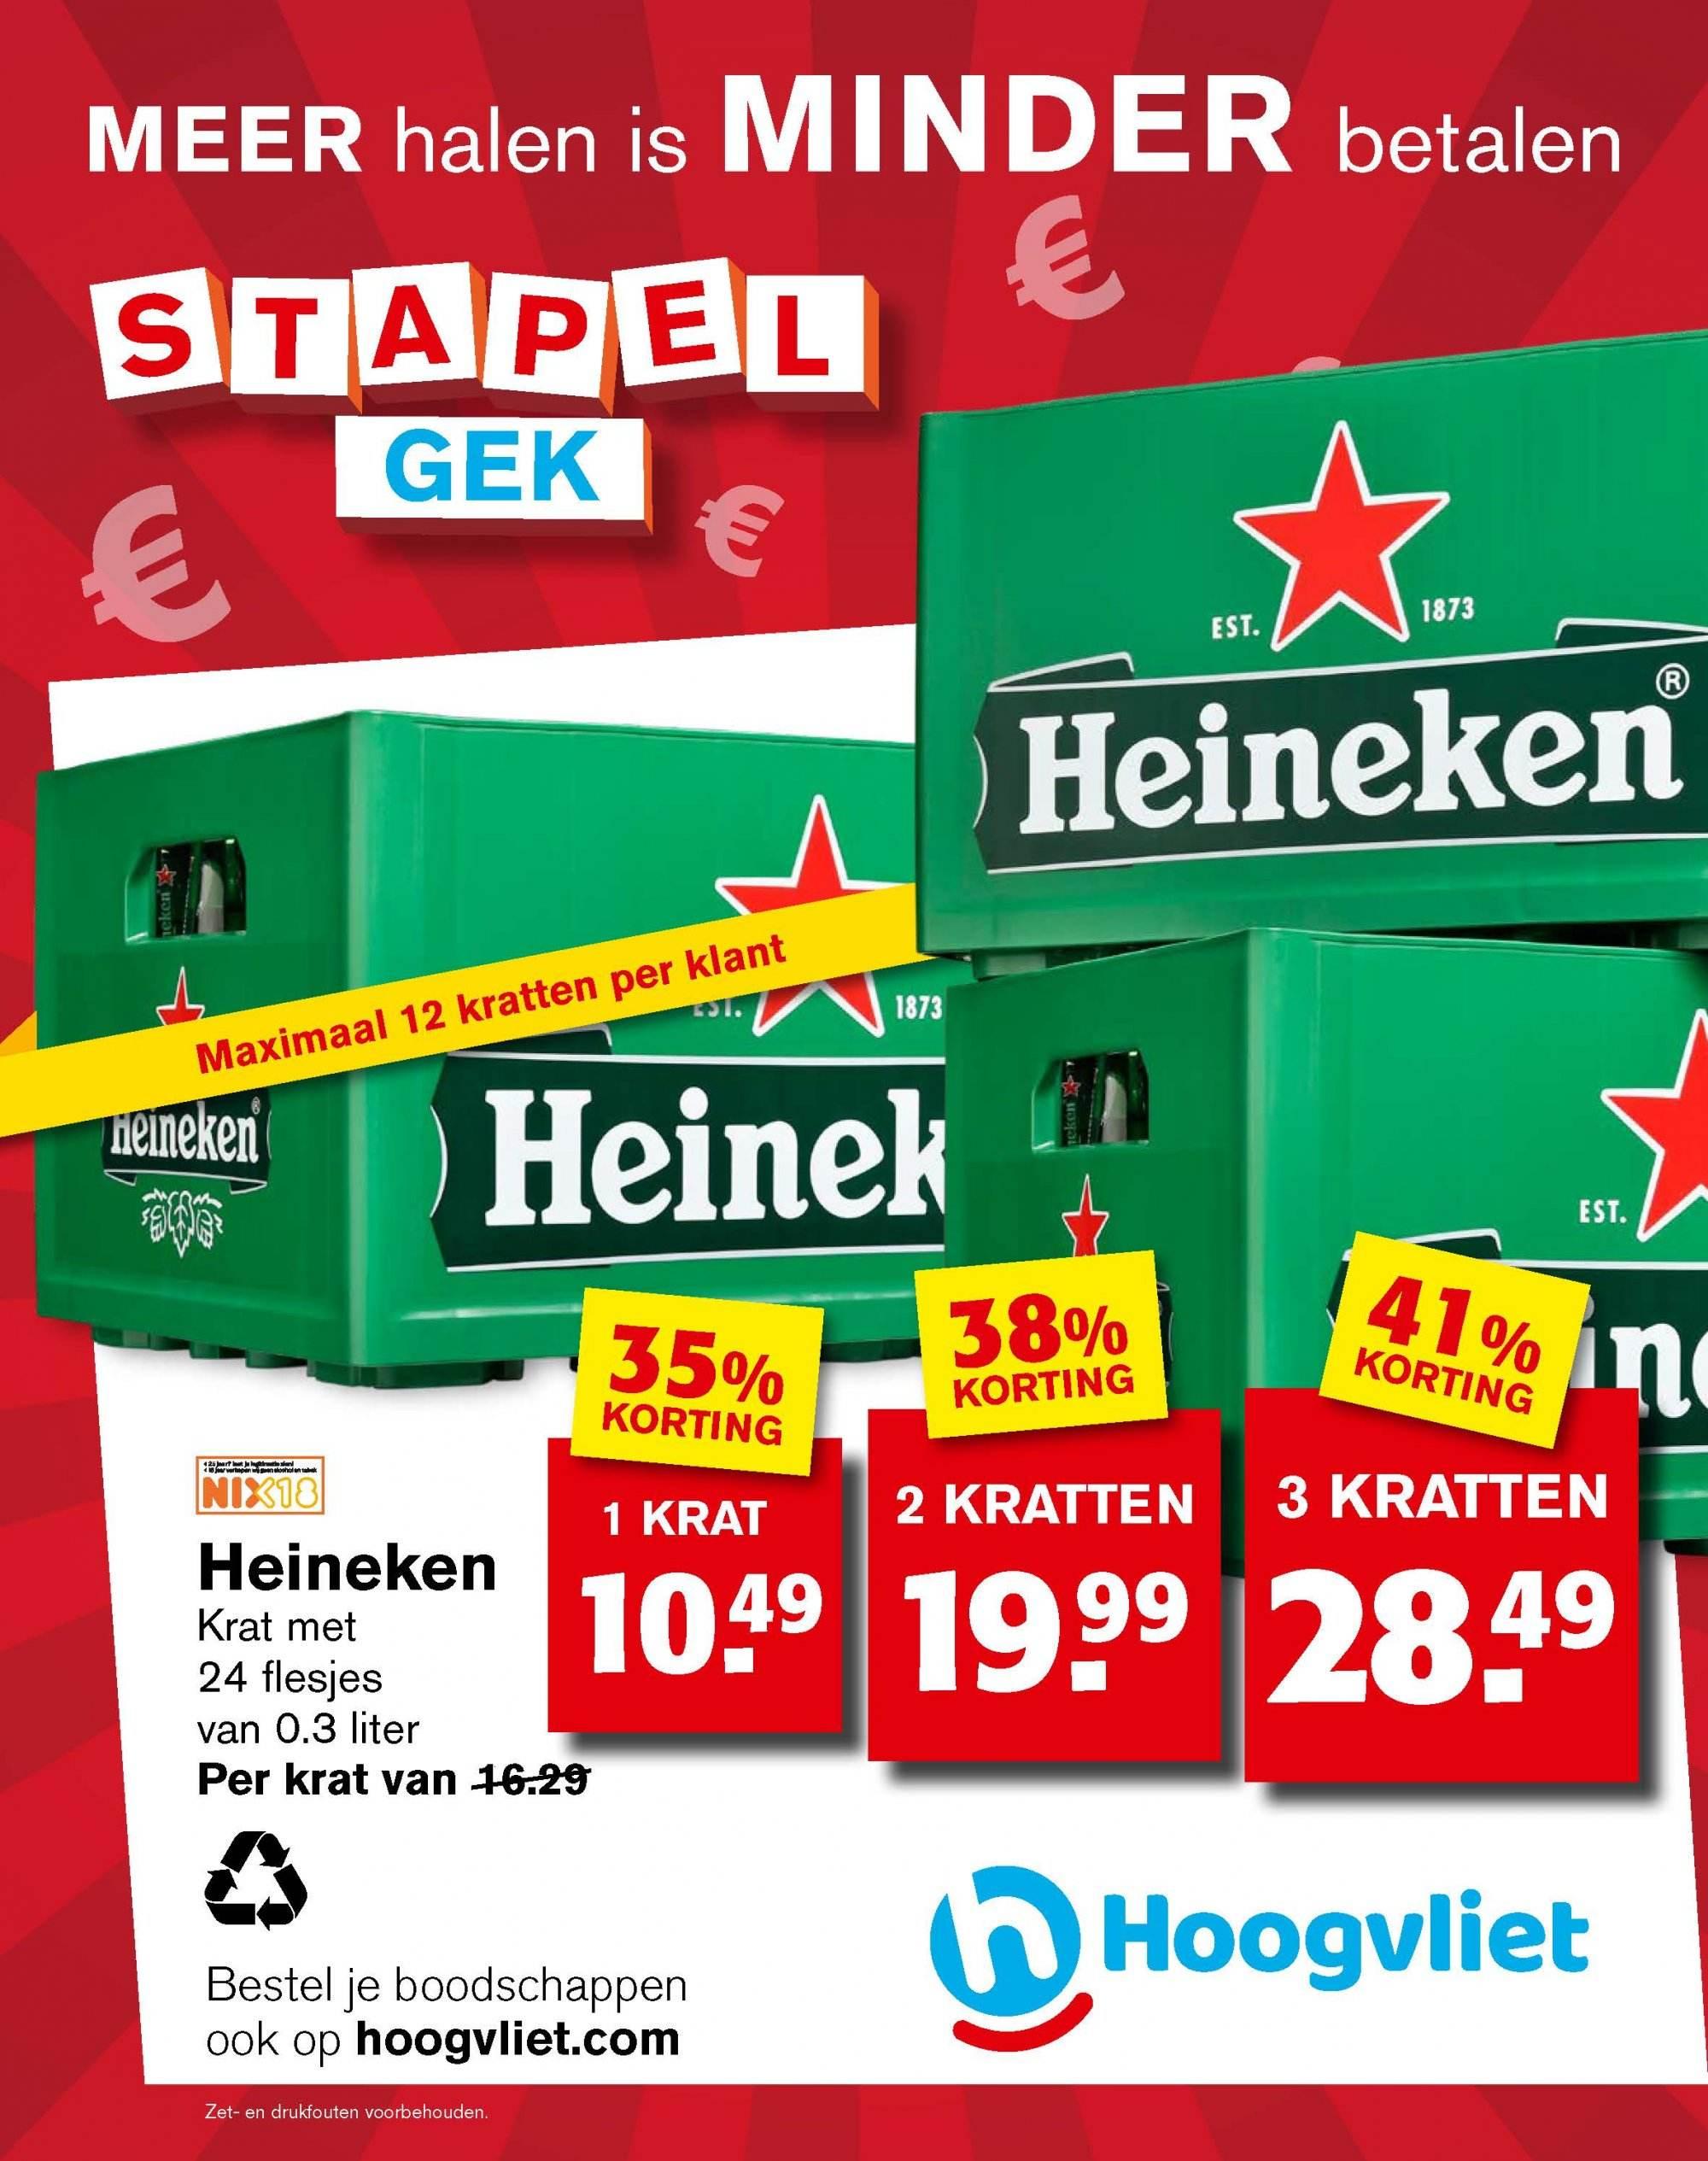 Meer halen = Minder betal! Hoogvliet 3 kratten Heineken €28,49